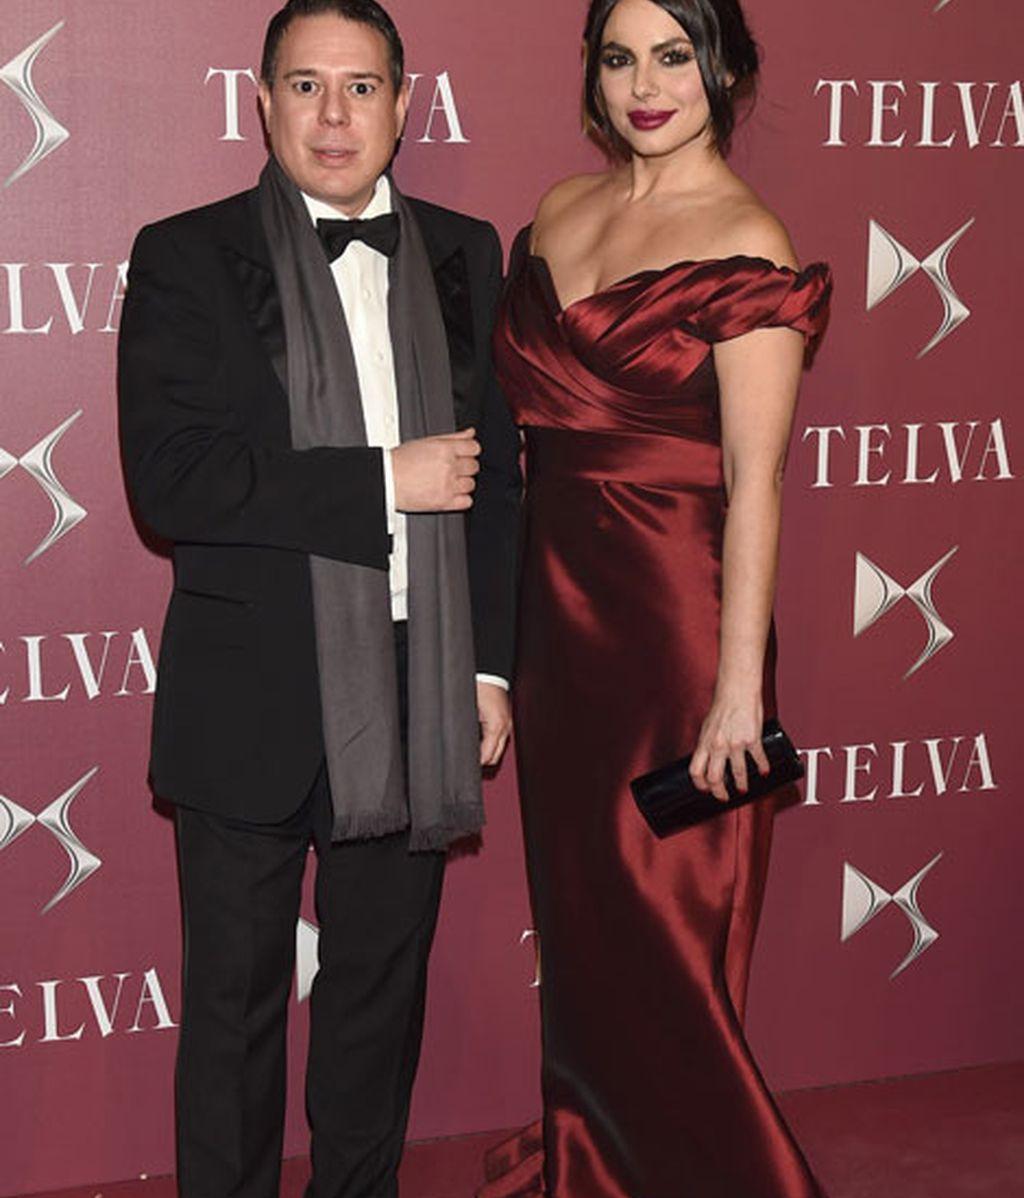 Marisa Jara junto al diseñador de su vestido, Hannibal Laguna